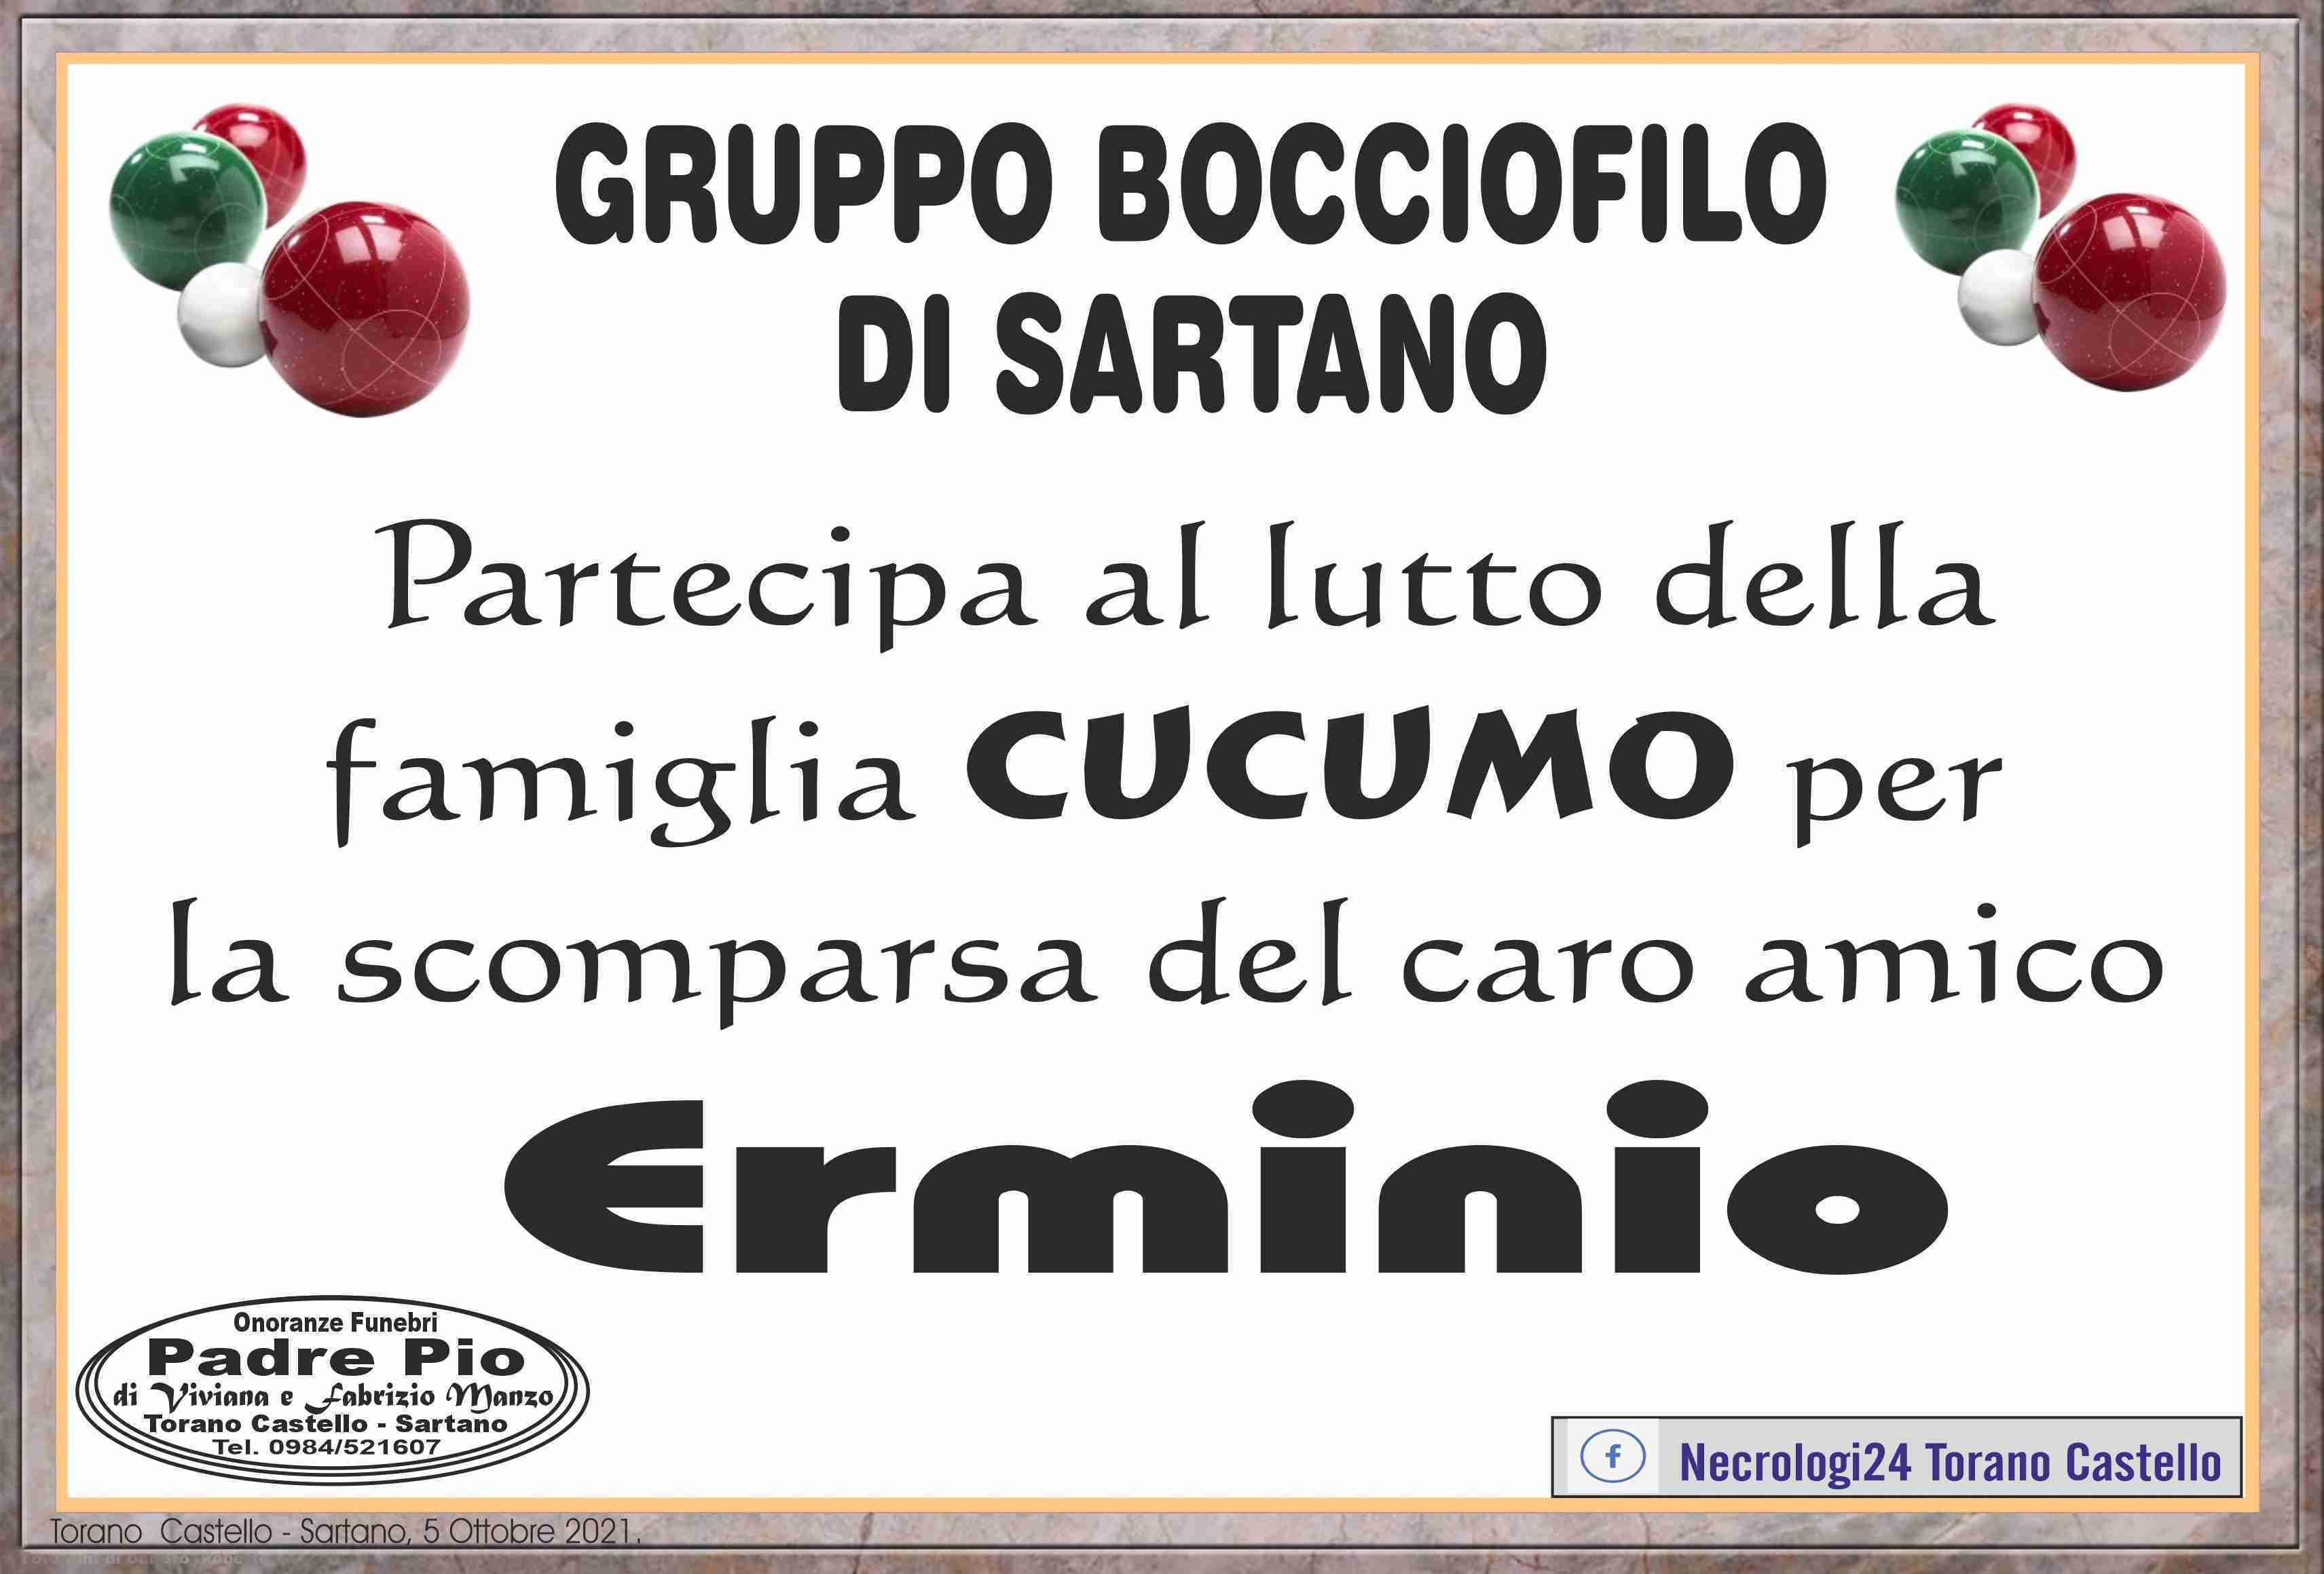 Erminio Cucumo